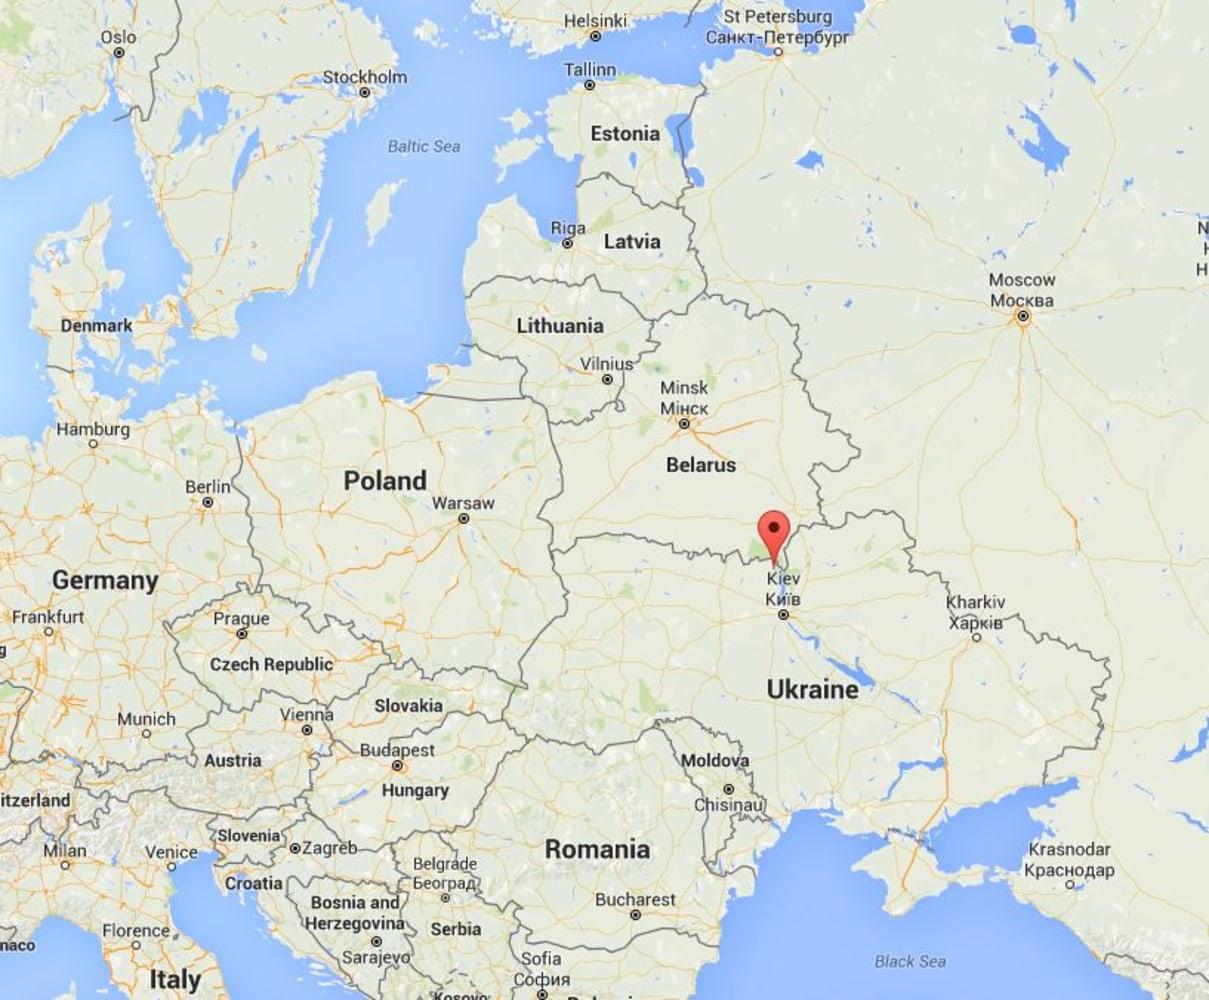 ukraine world map location #1, circuit diagram, ukraine world map location